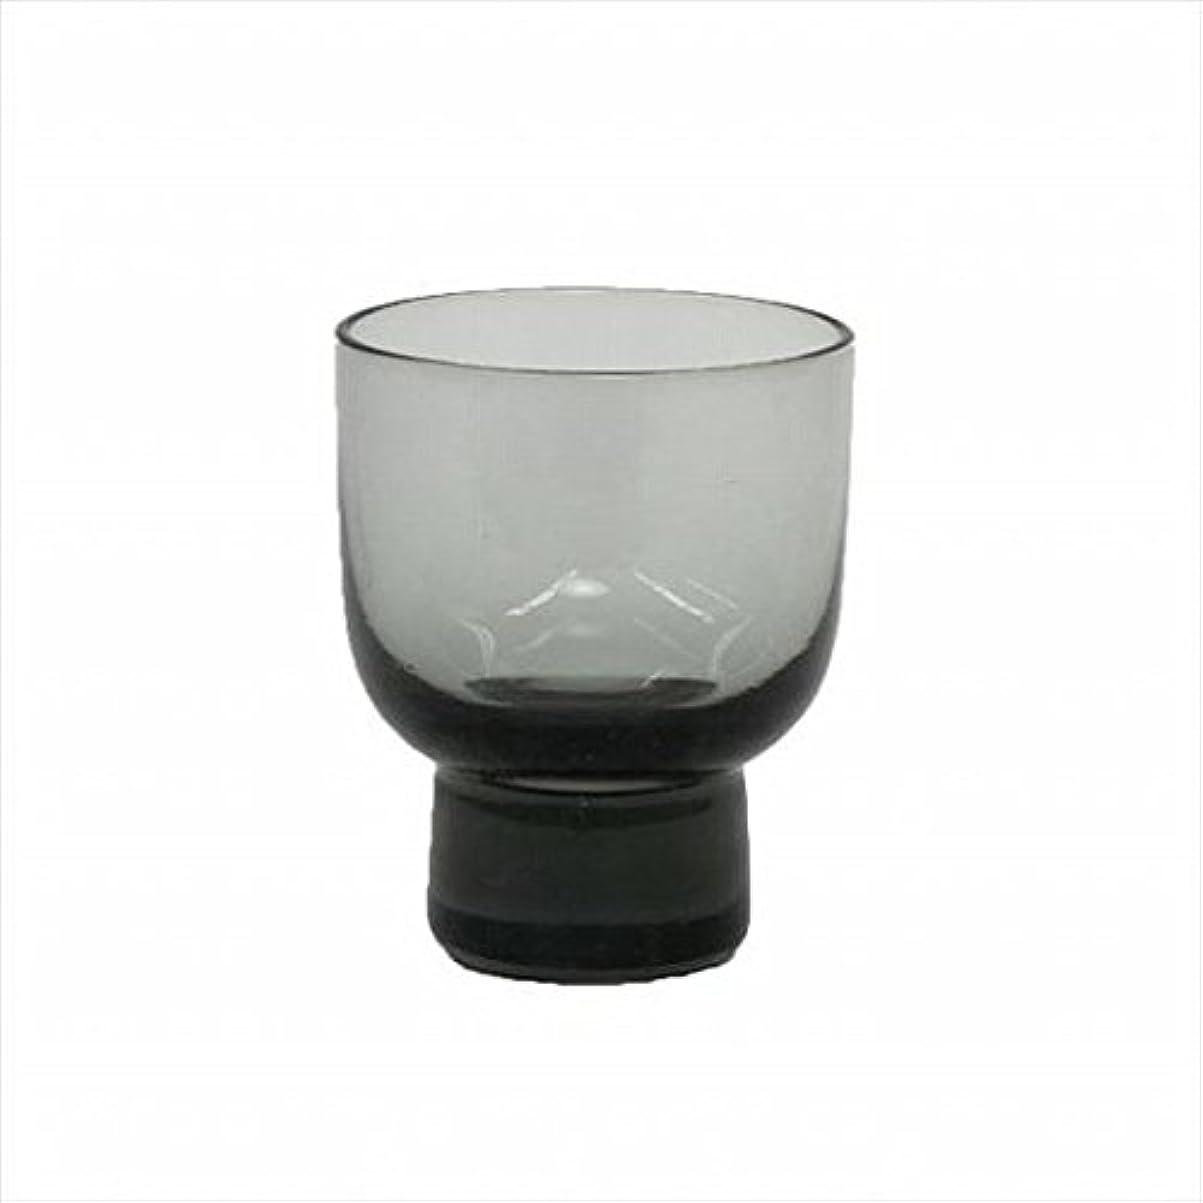 素晴らしい良い多くの減らすバスルームkameyama candle(カメヤマキャンドル) ロキカップ 「 スモーク 」 キャンドル 58x58x70mm (I8236100SM)